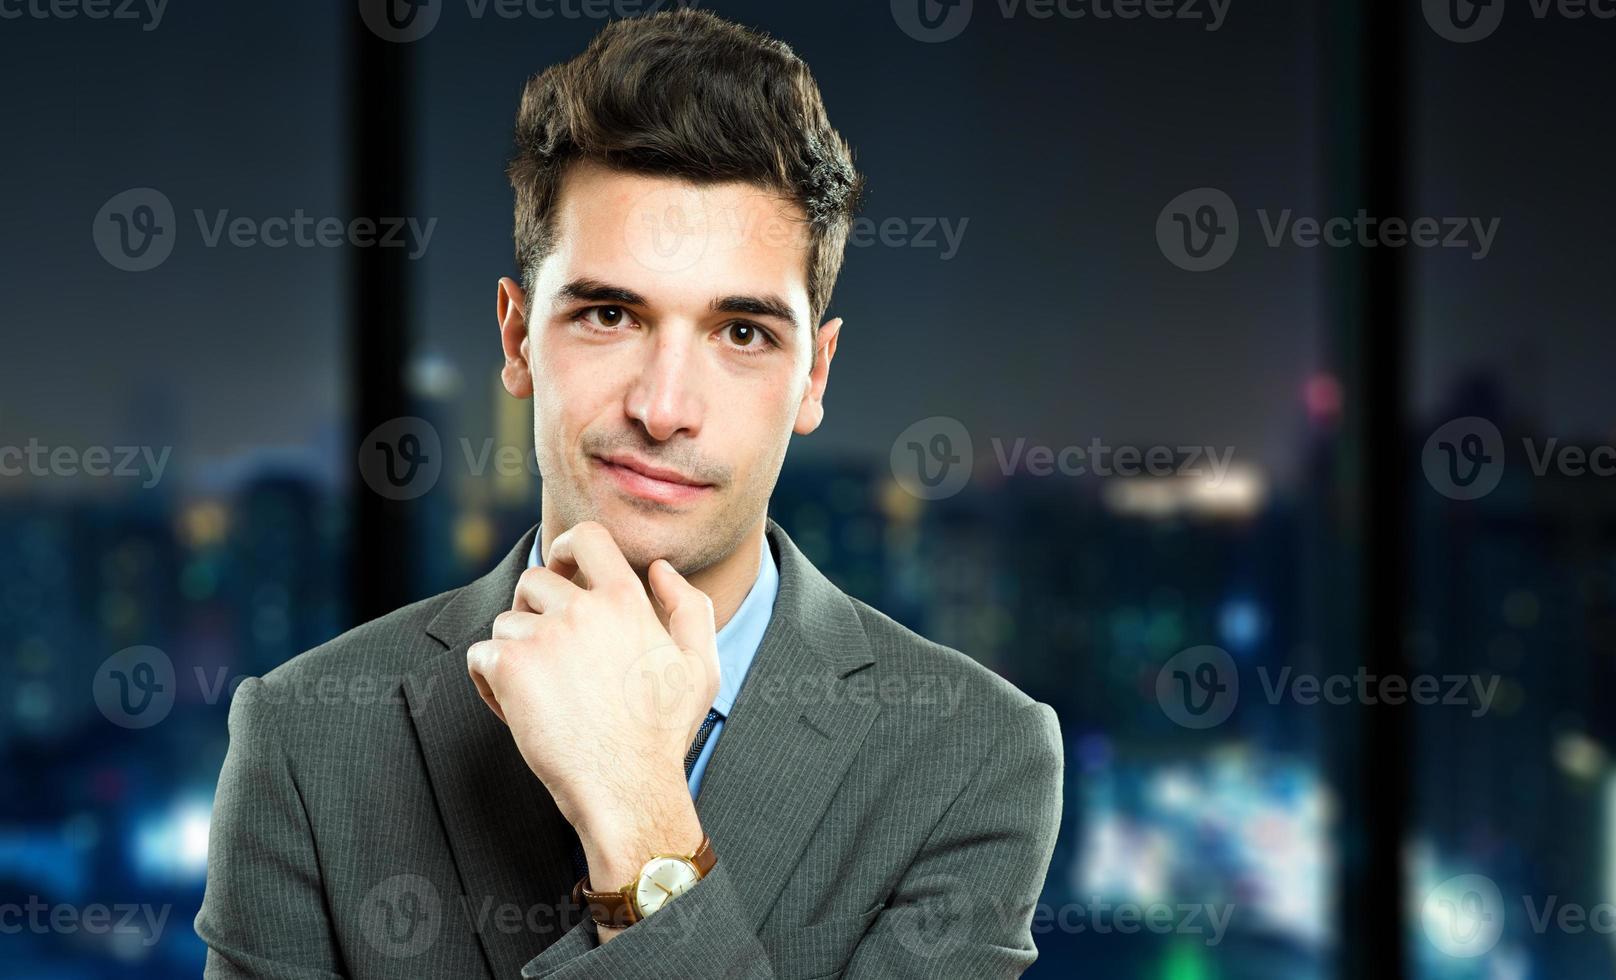 giovane manager nel suo ufficio di notte foto